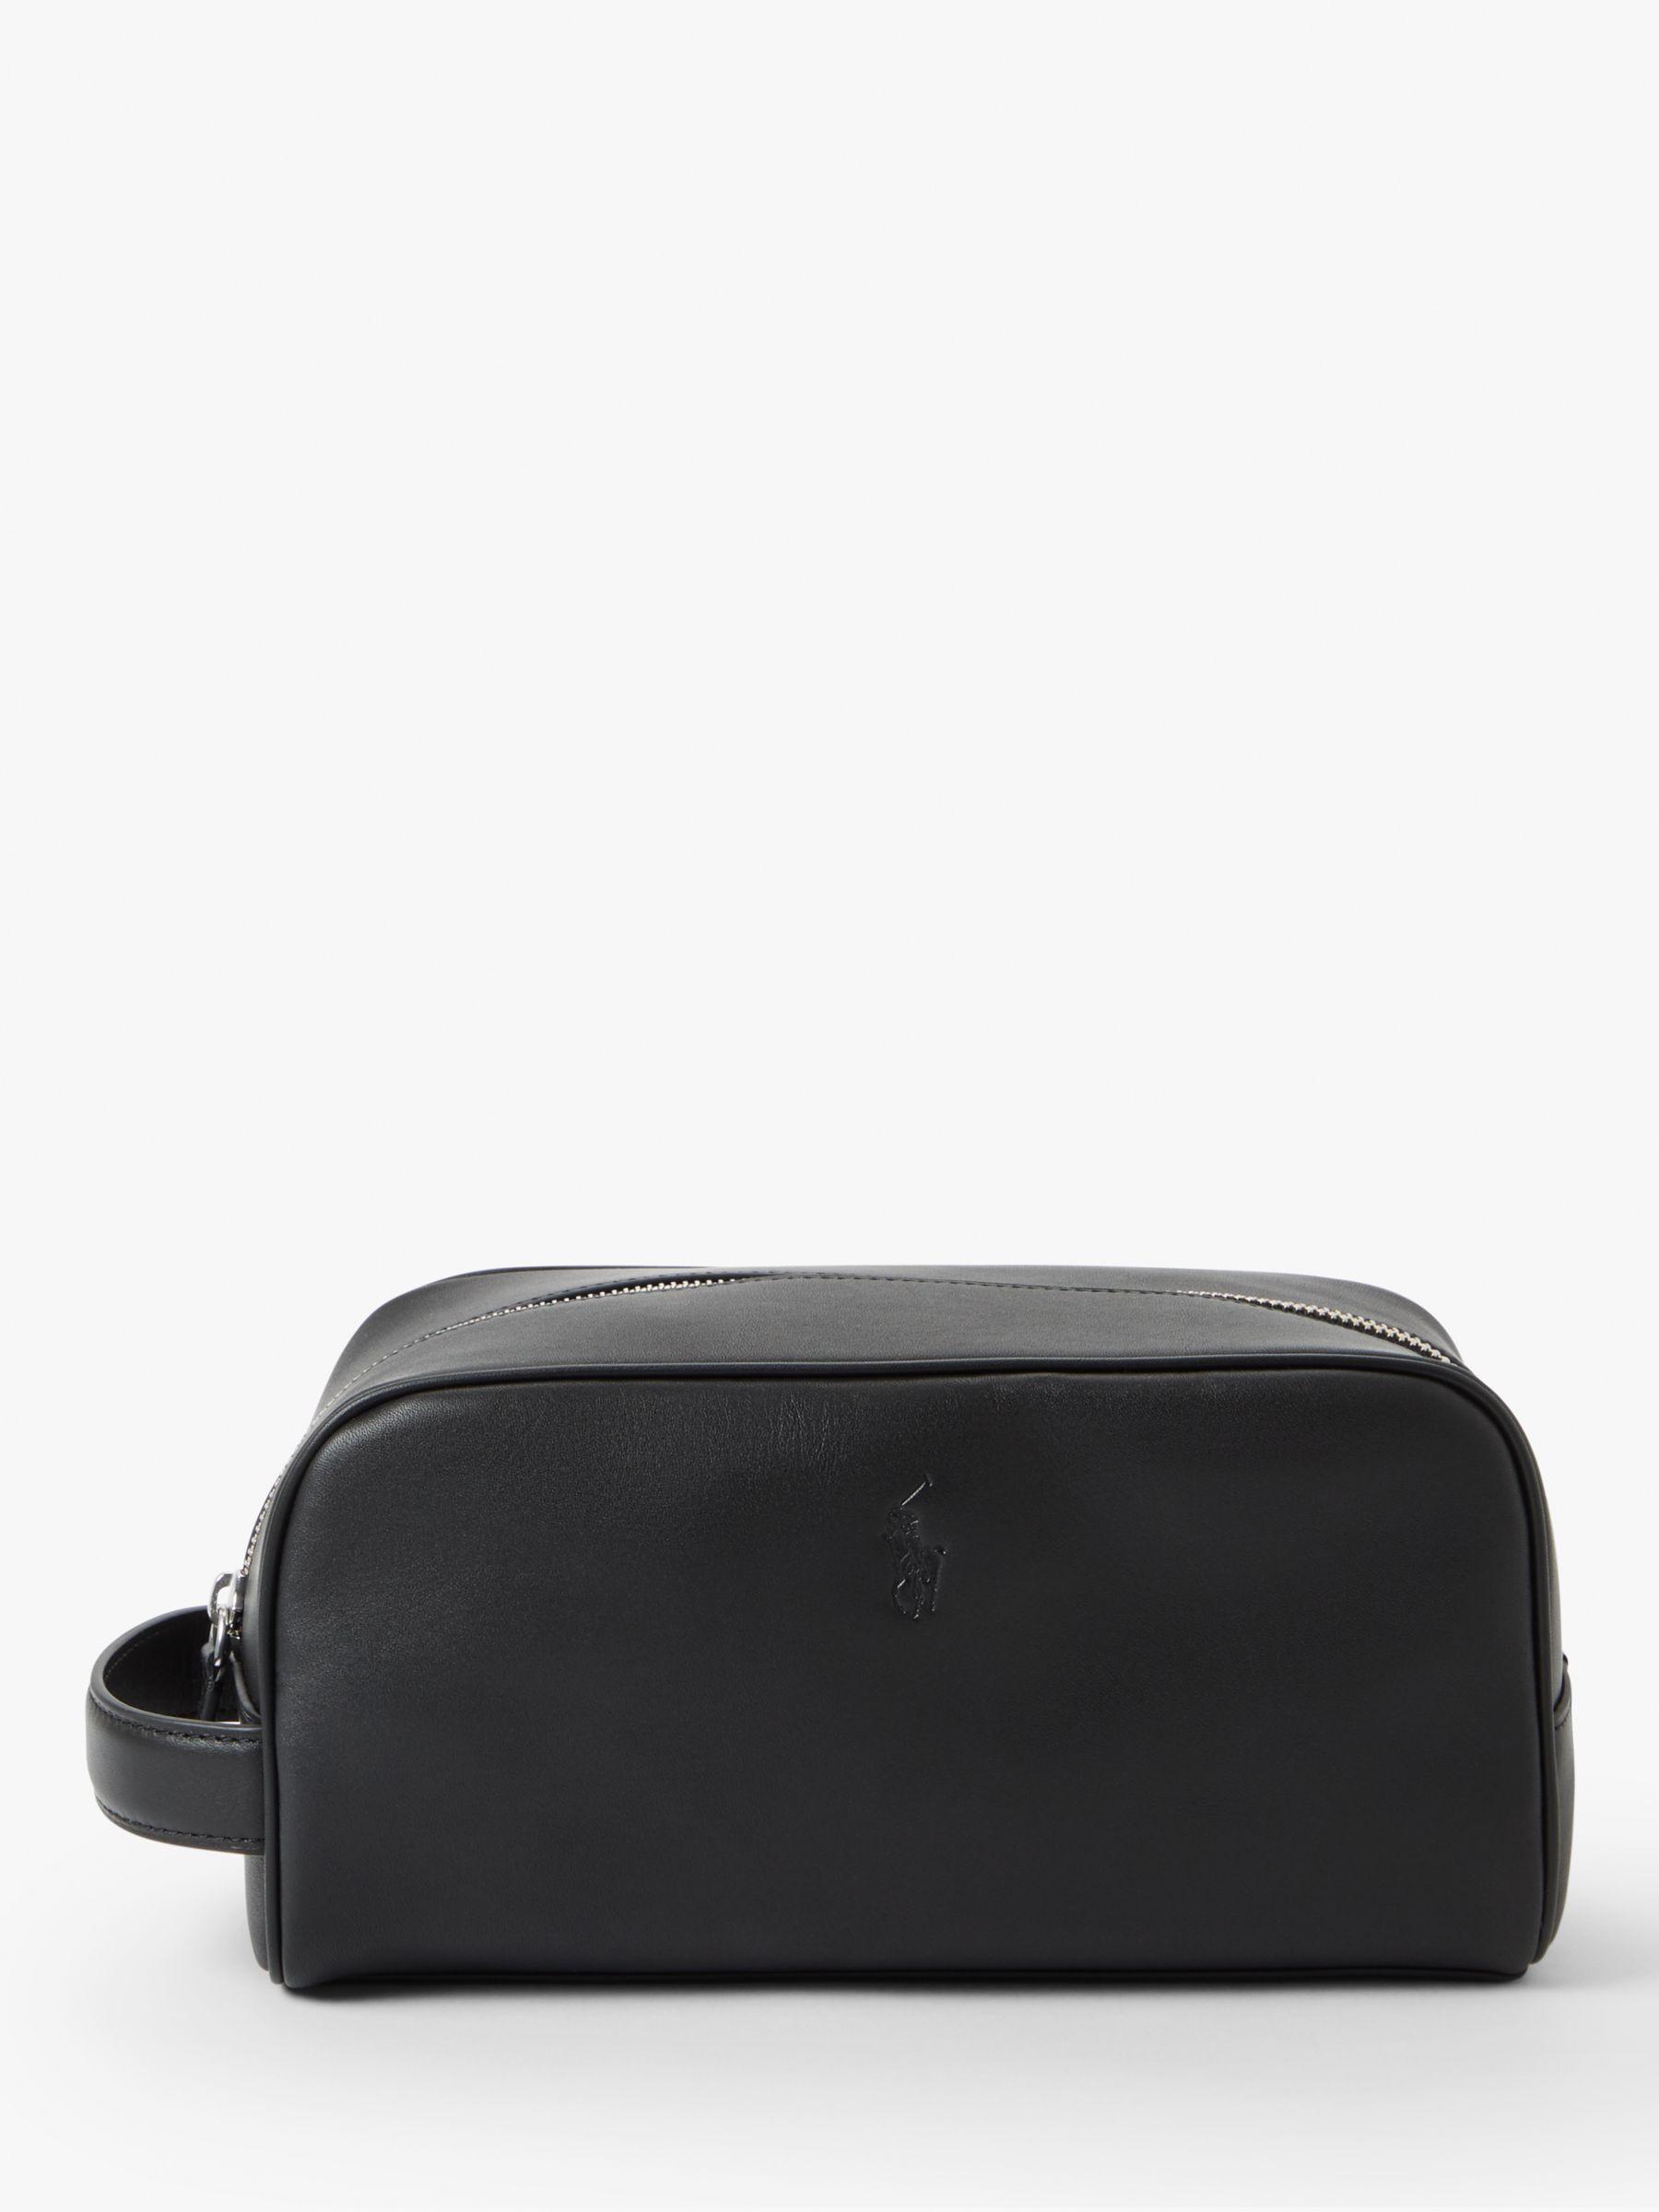 Polo Ralph Lauren Leather Wash Bag 283141bbcec5d